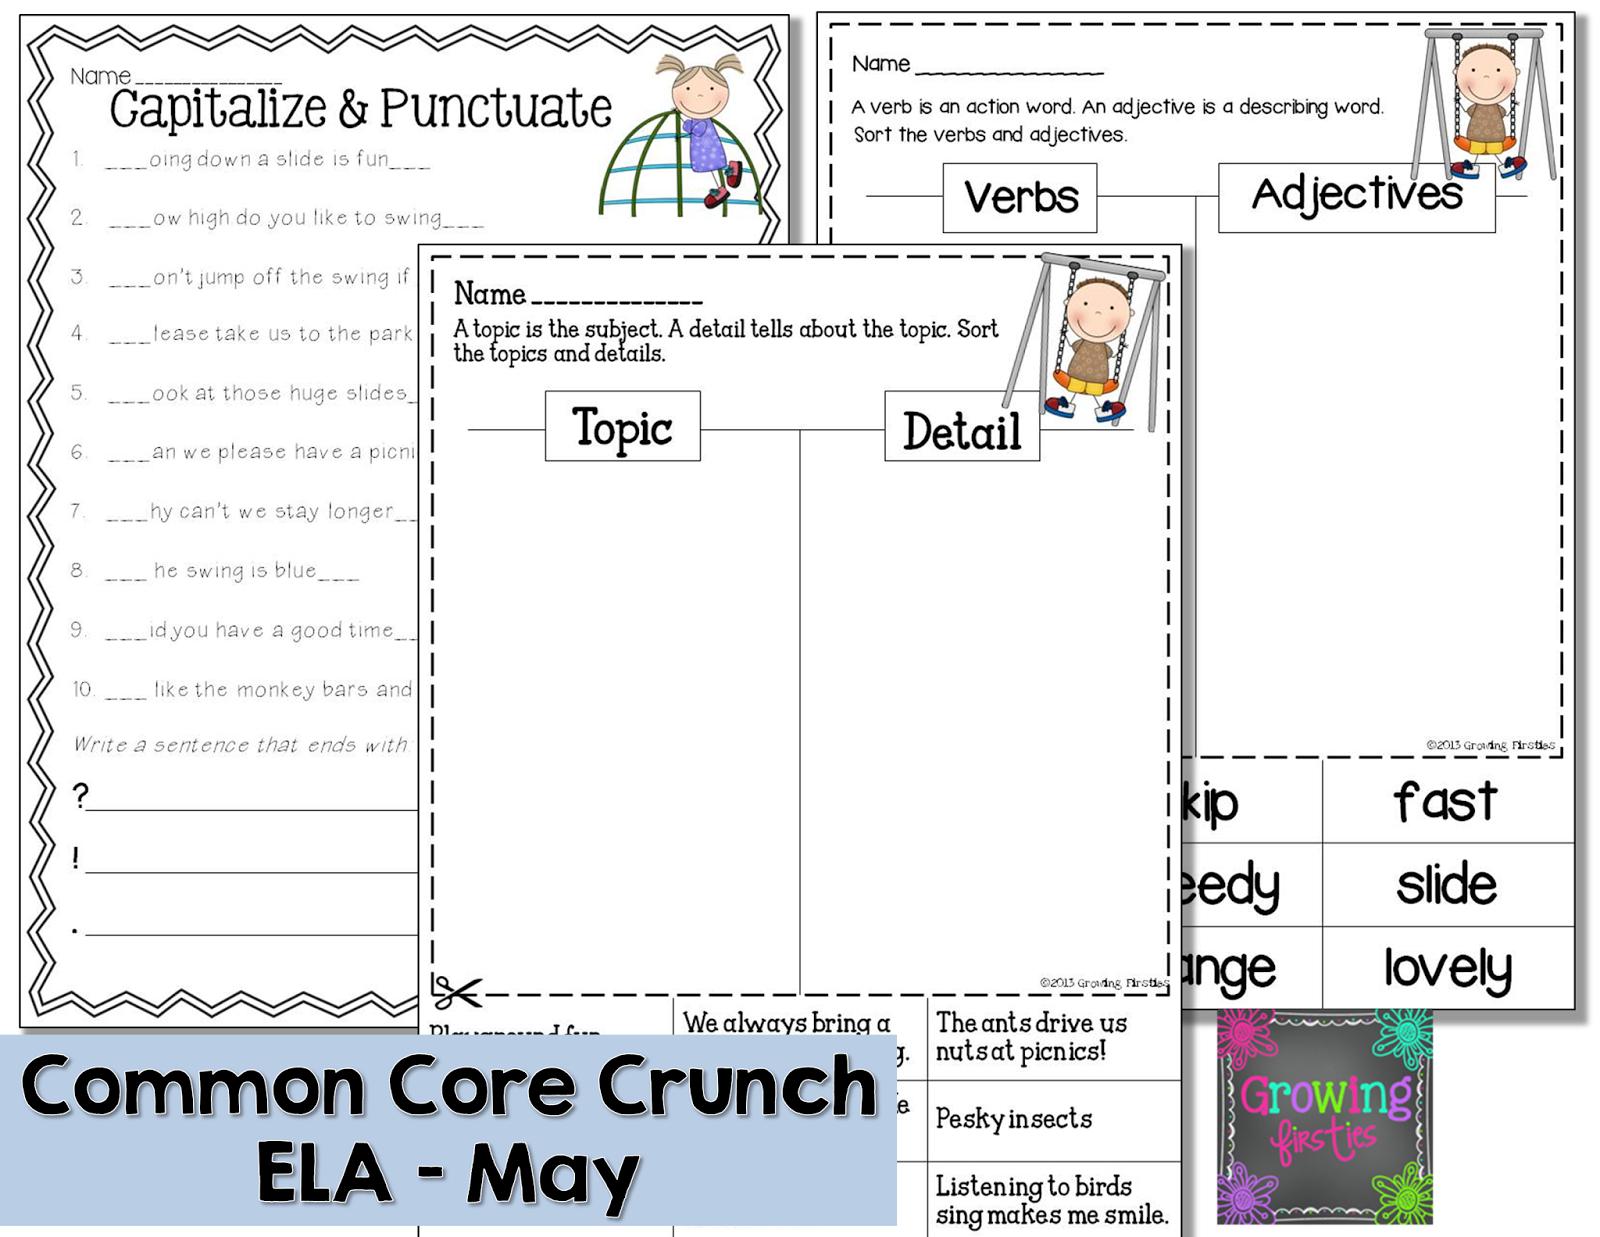 Common Core Crunch